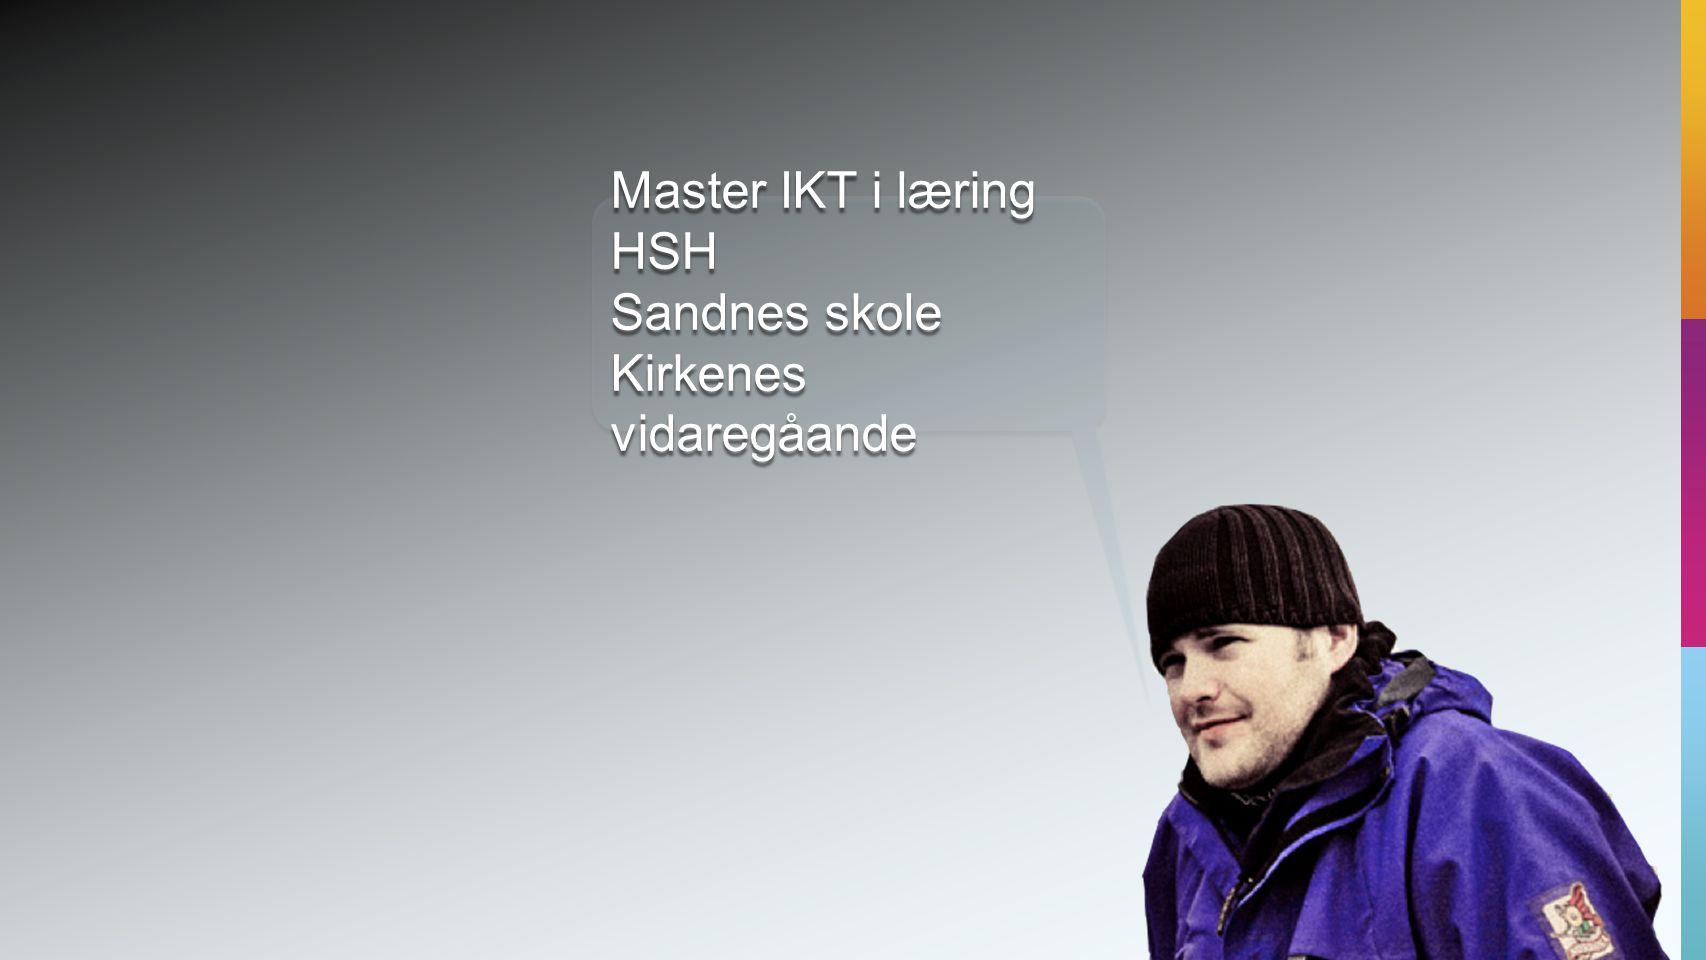 Master IKT i læring HSH Sandnes skole Kirkenes vidaregåande Master IKT i læring HSH Sandnes skole Kirkenes vidaregåande